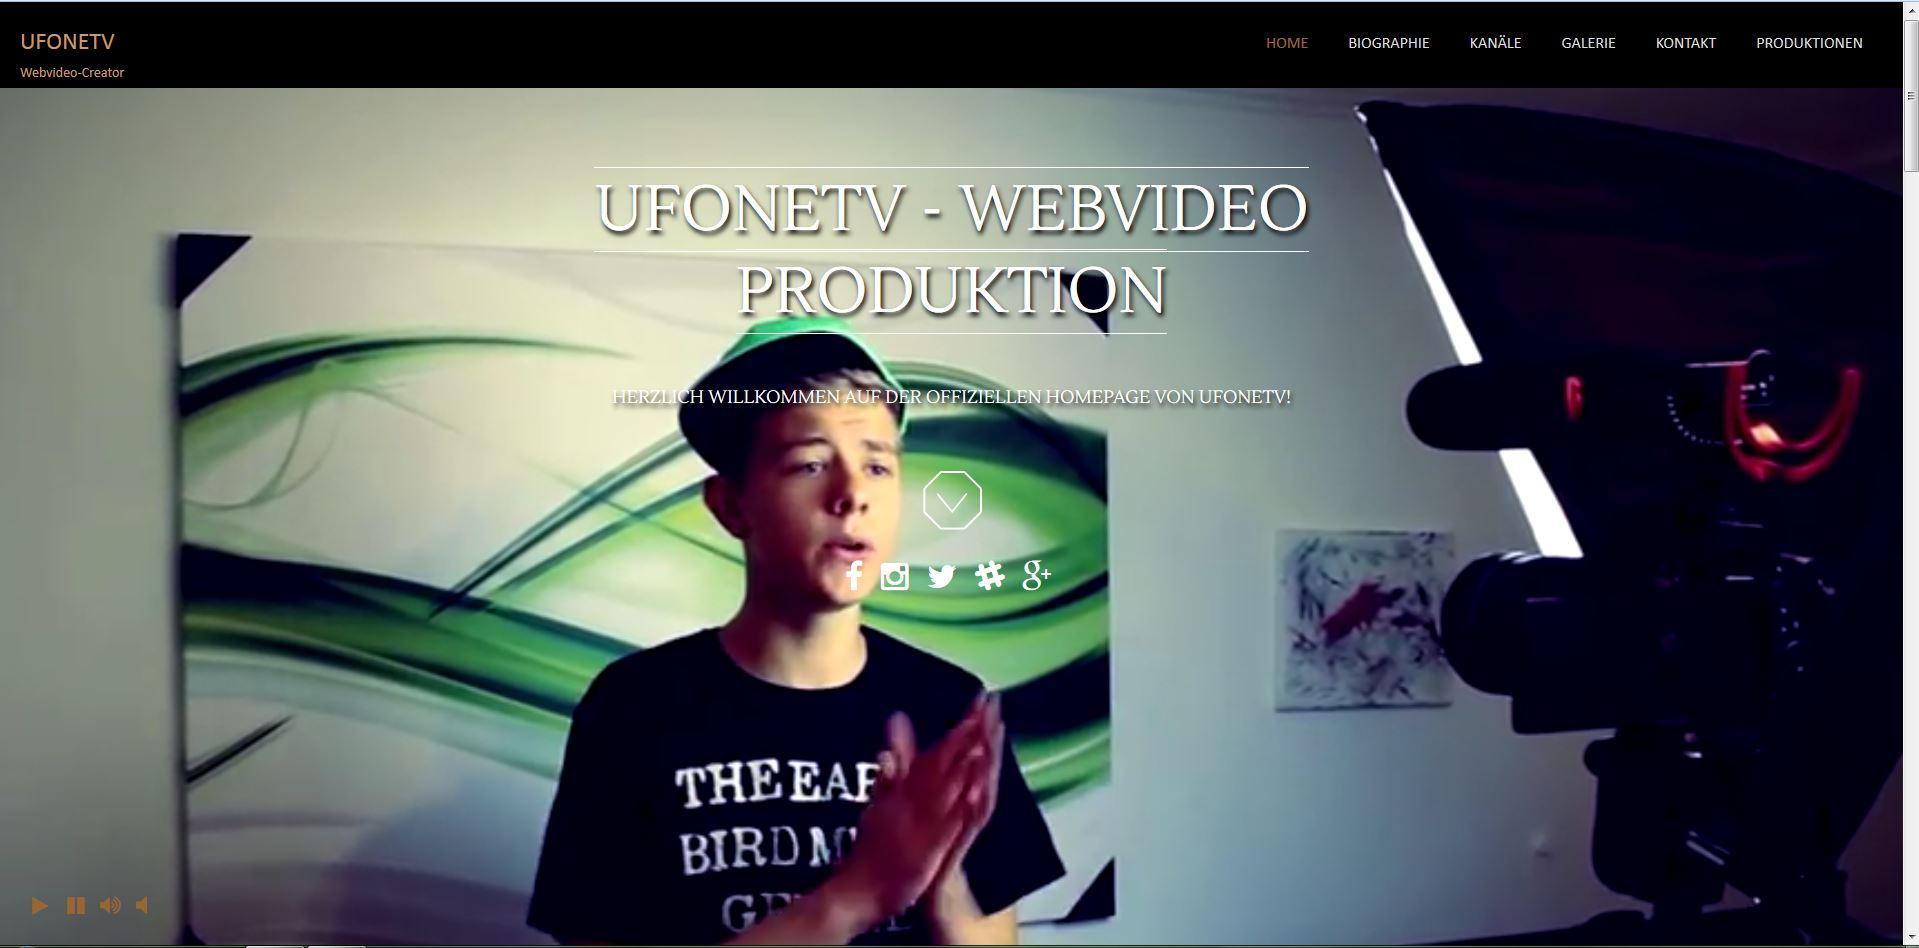 Homepage für UFONETV